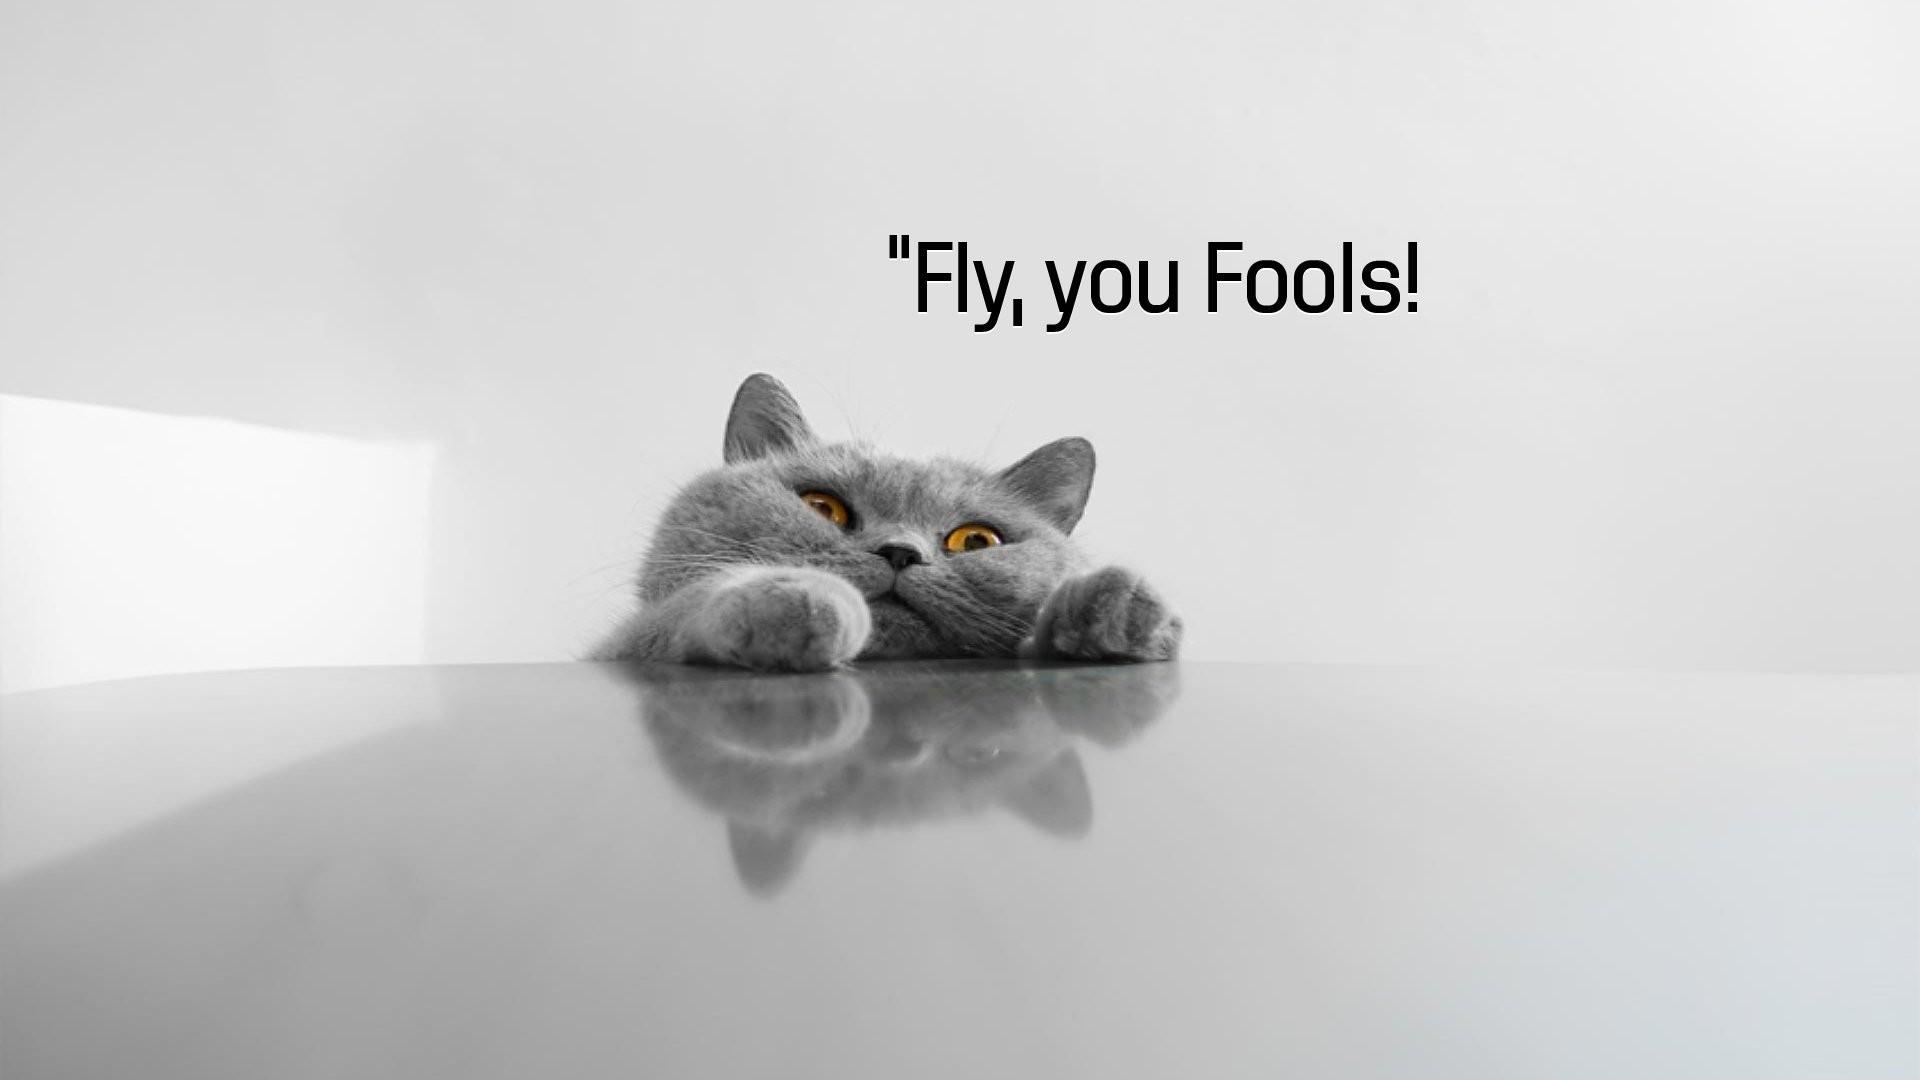 Cat meme quote funny humor grumpy (125) wallpaper | | 355217 .